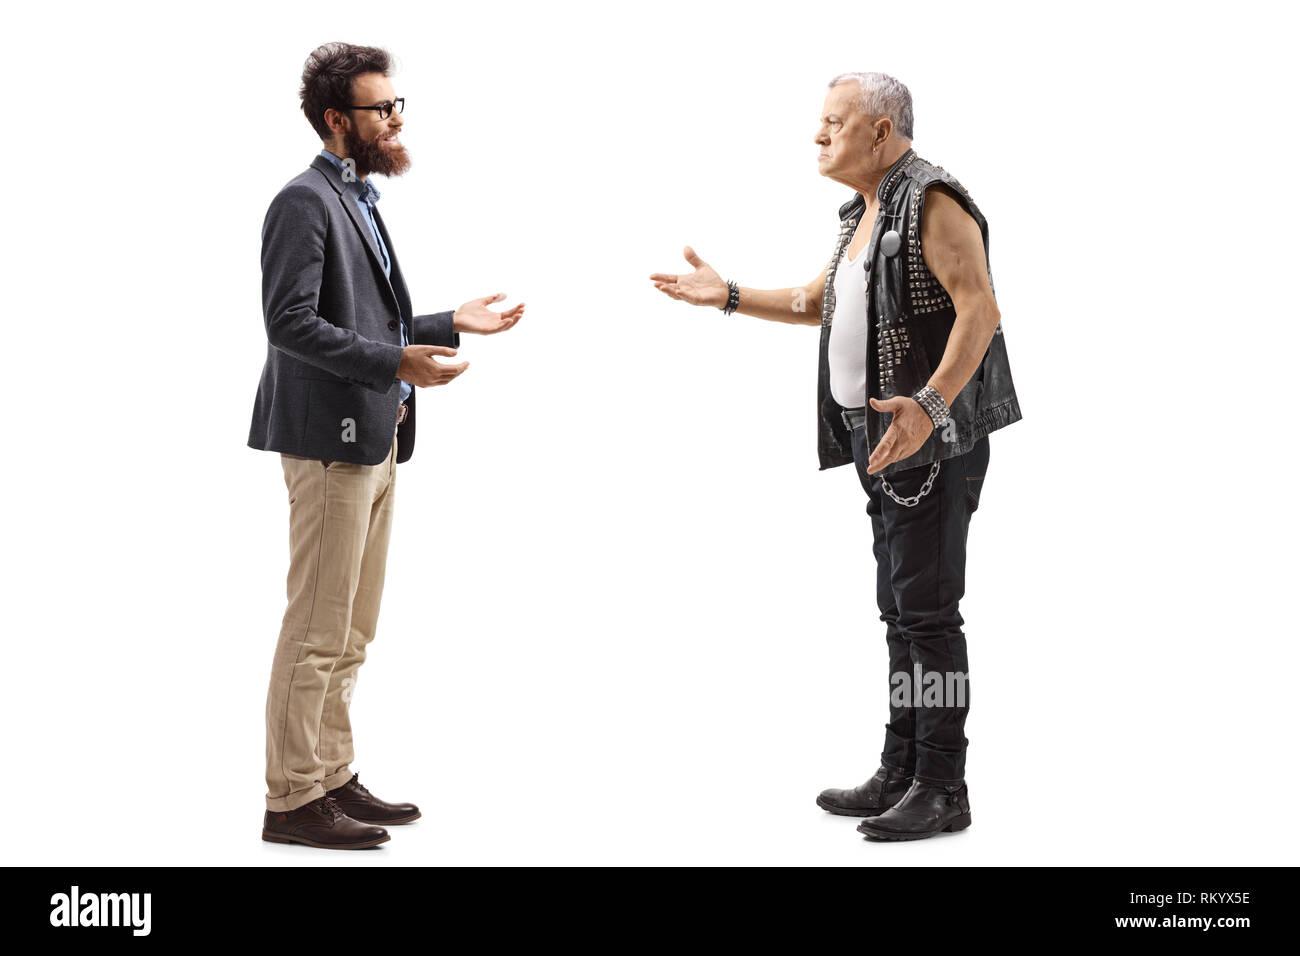 e1faffe1b Perfil de longitud completa la foto de un hombre barbado tener una  conversación con un macho